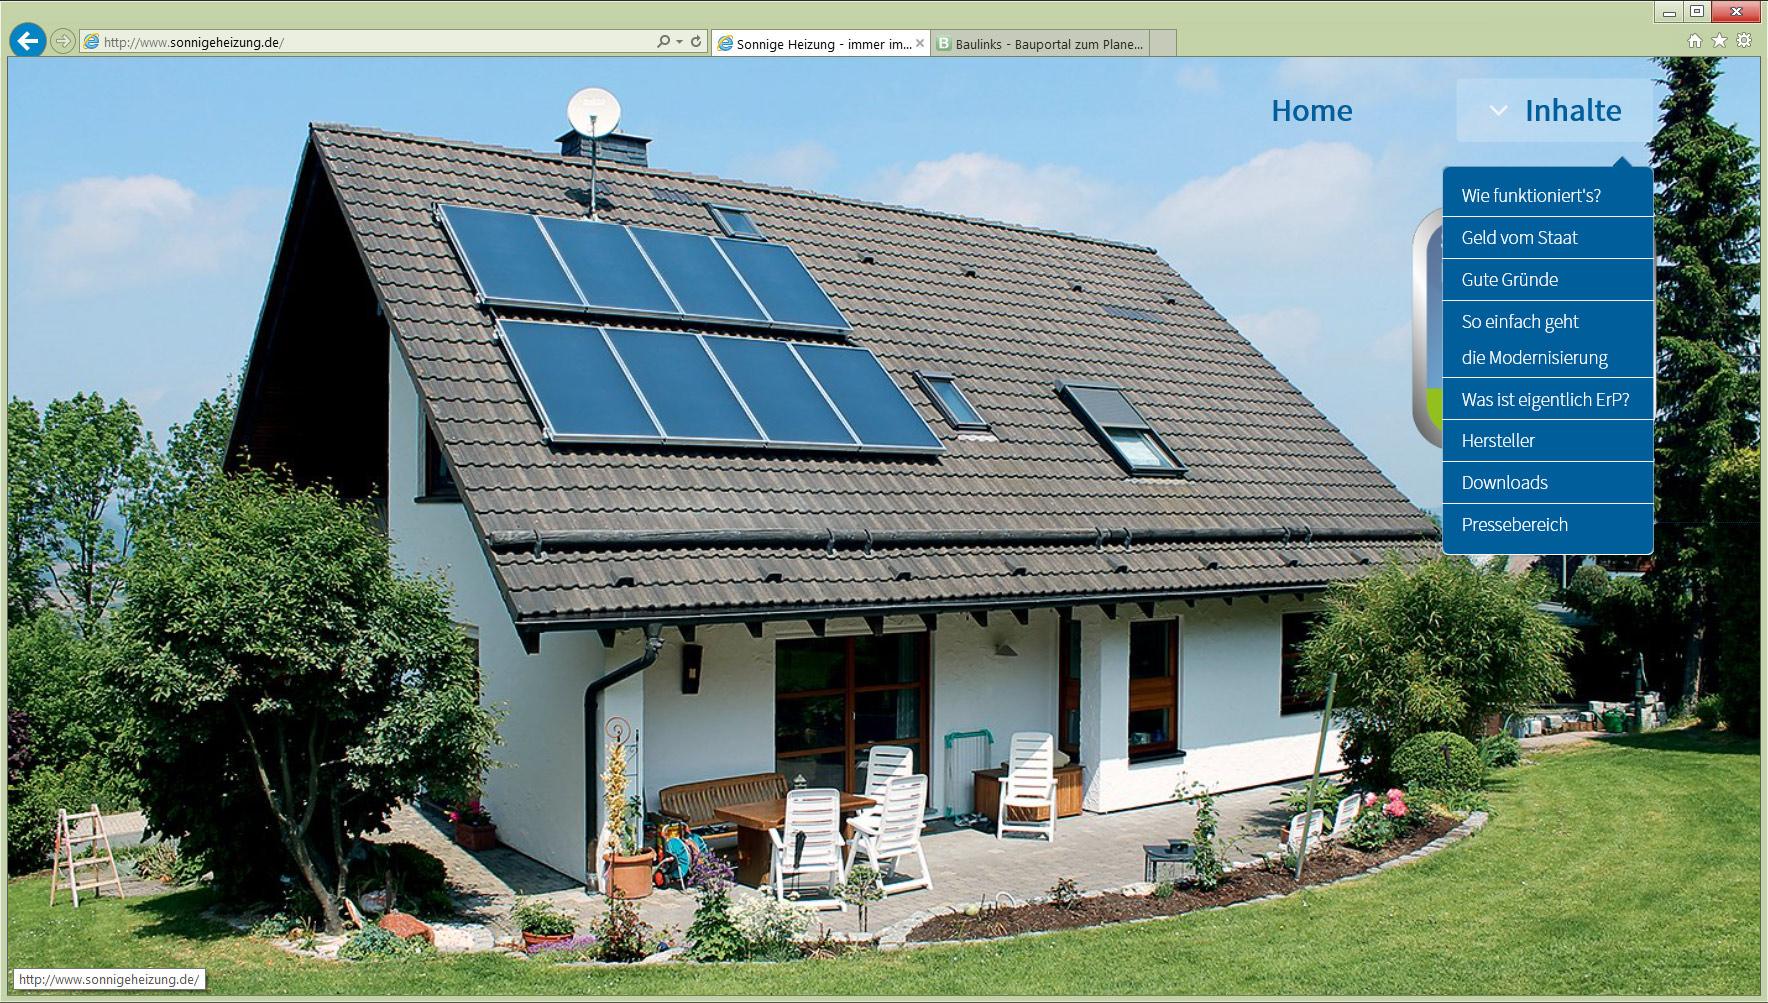 sonnige heizung immer im plus eine neue solarthermie. Black Bedroom Furniture Sets. Home Design Ideas